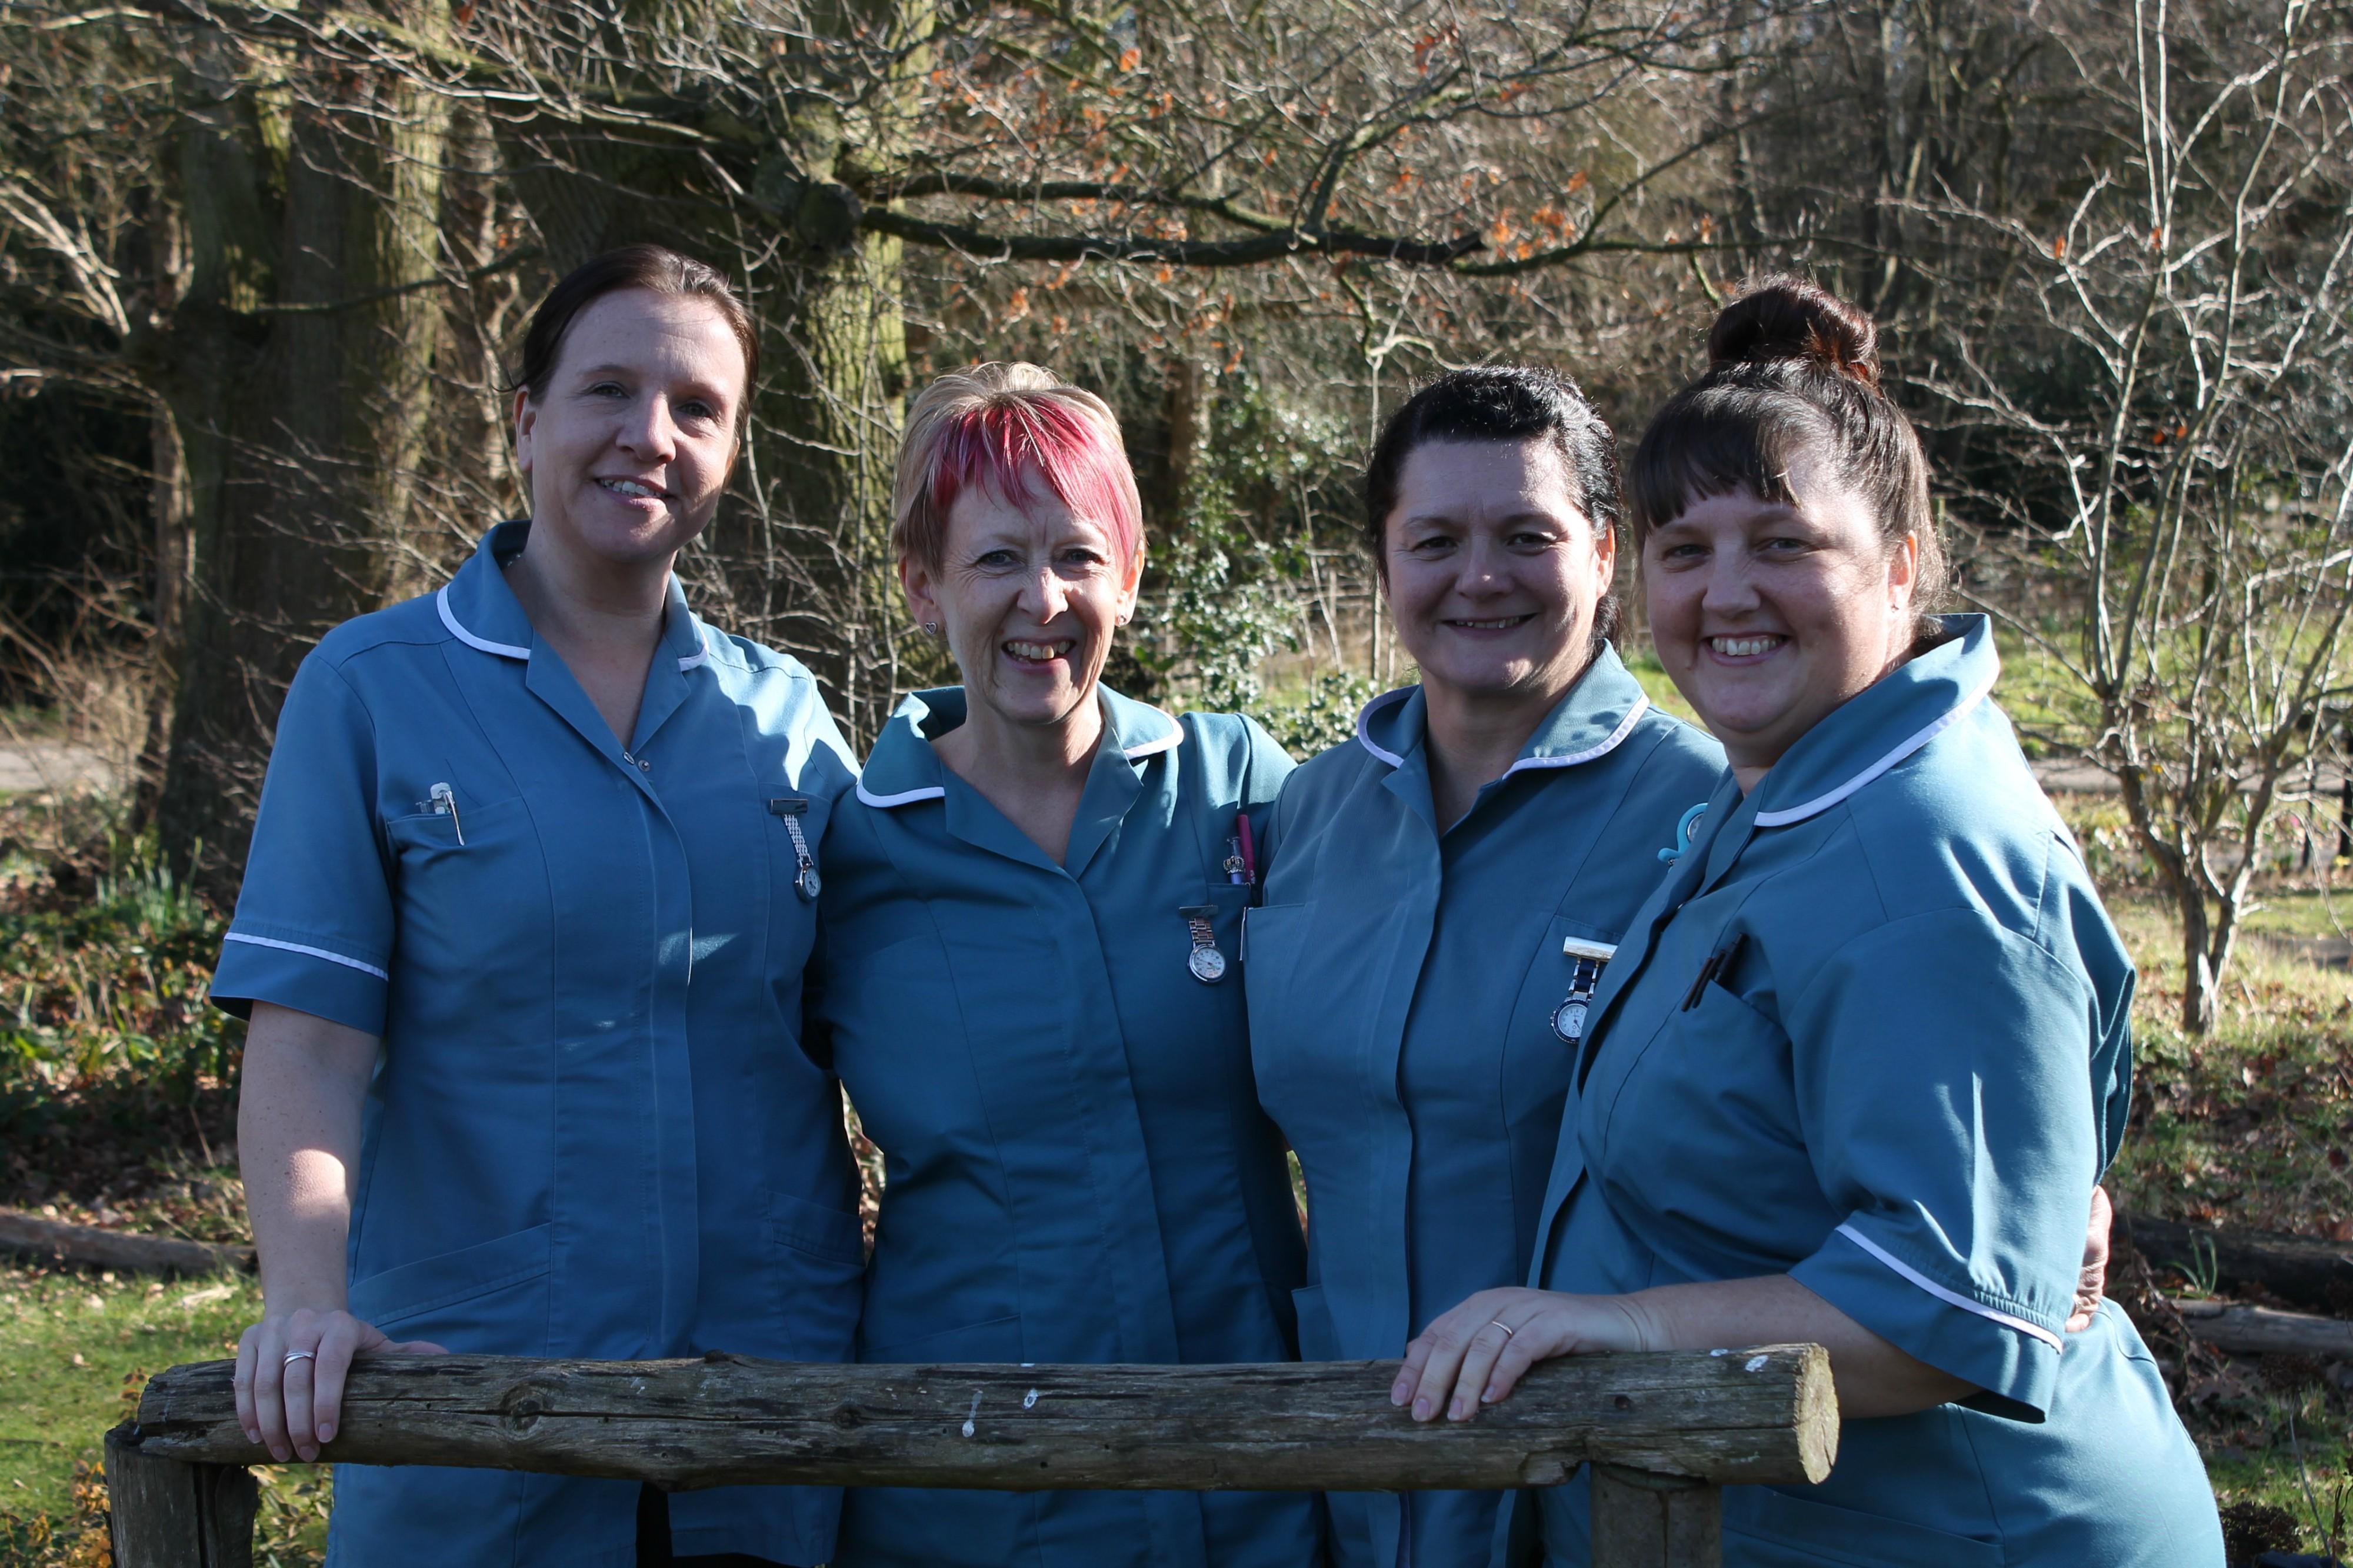 Havens Hospices - Lisa, Toni, Lorraine, Lorraine Nurse